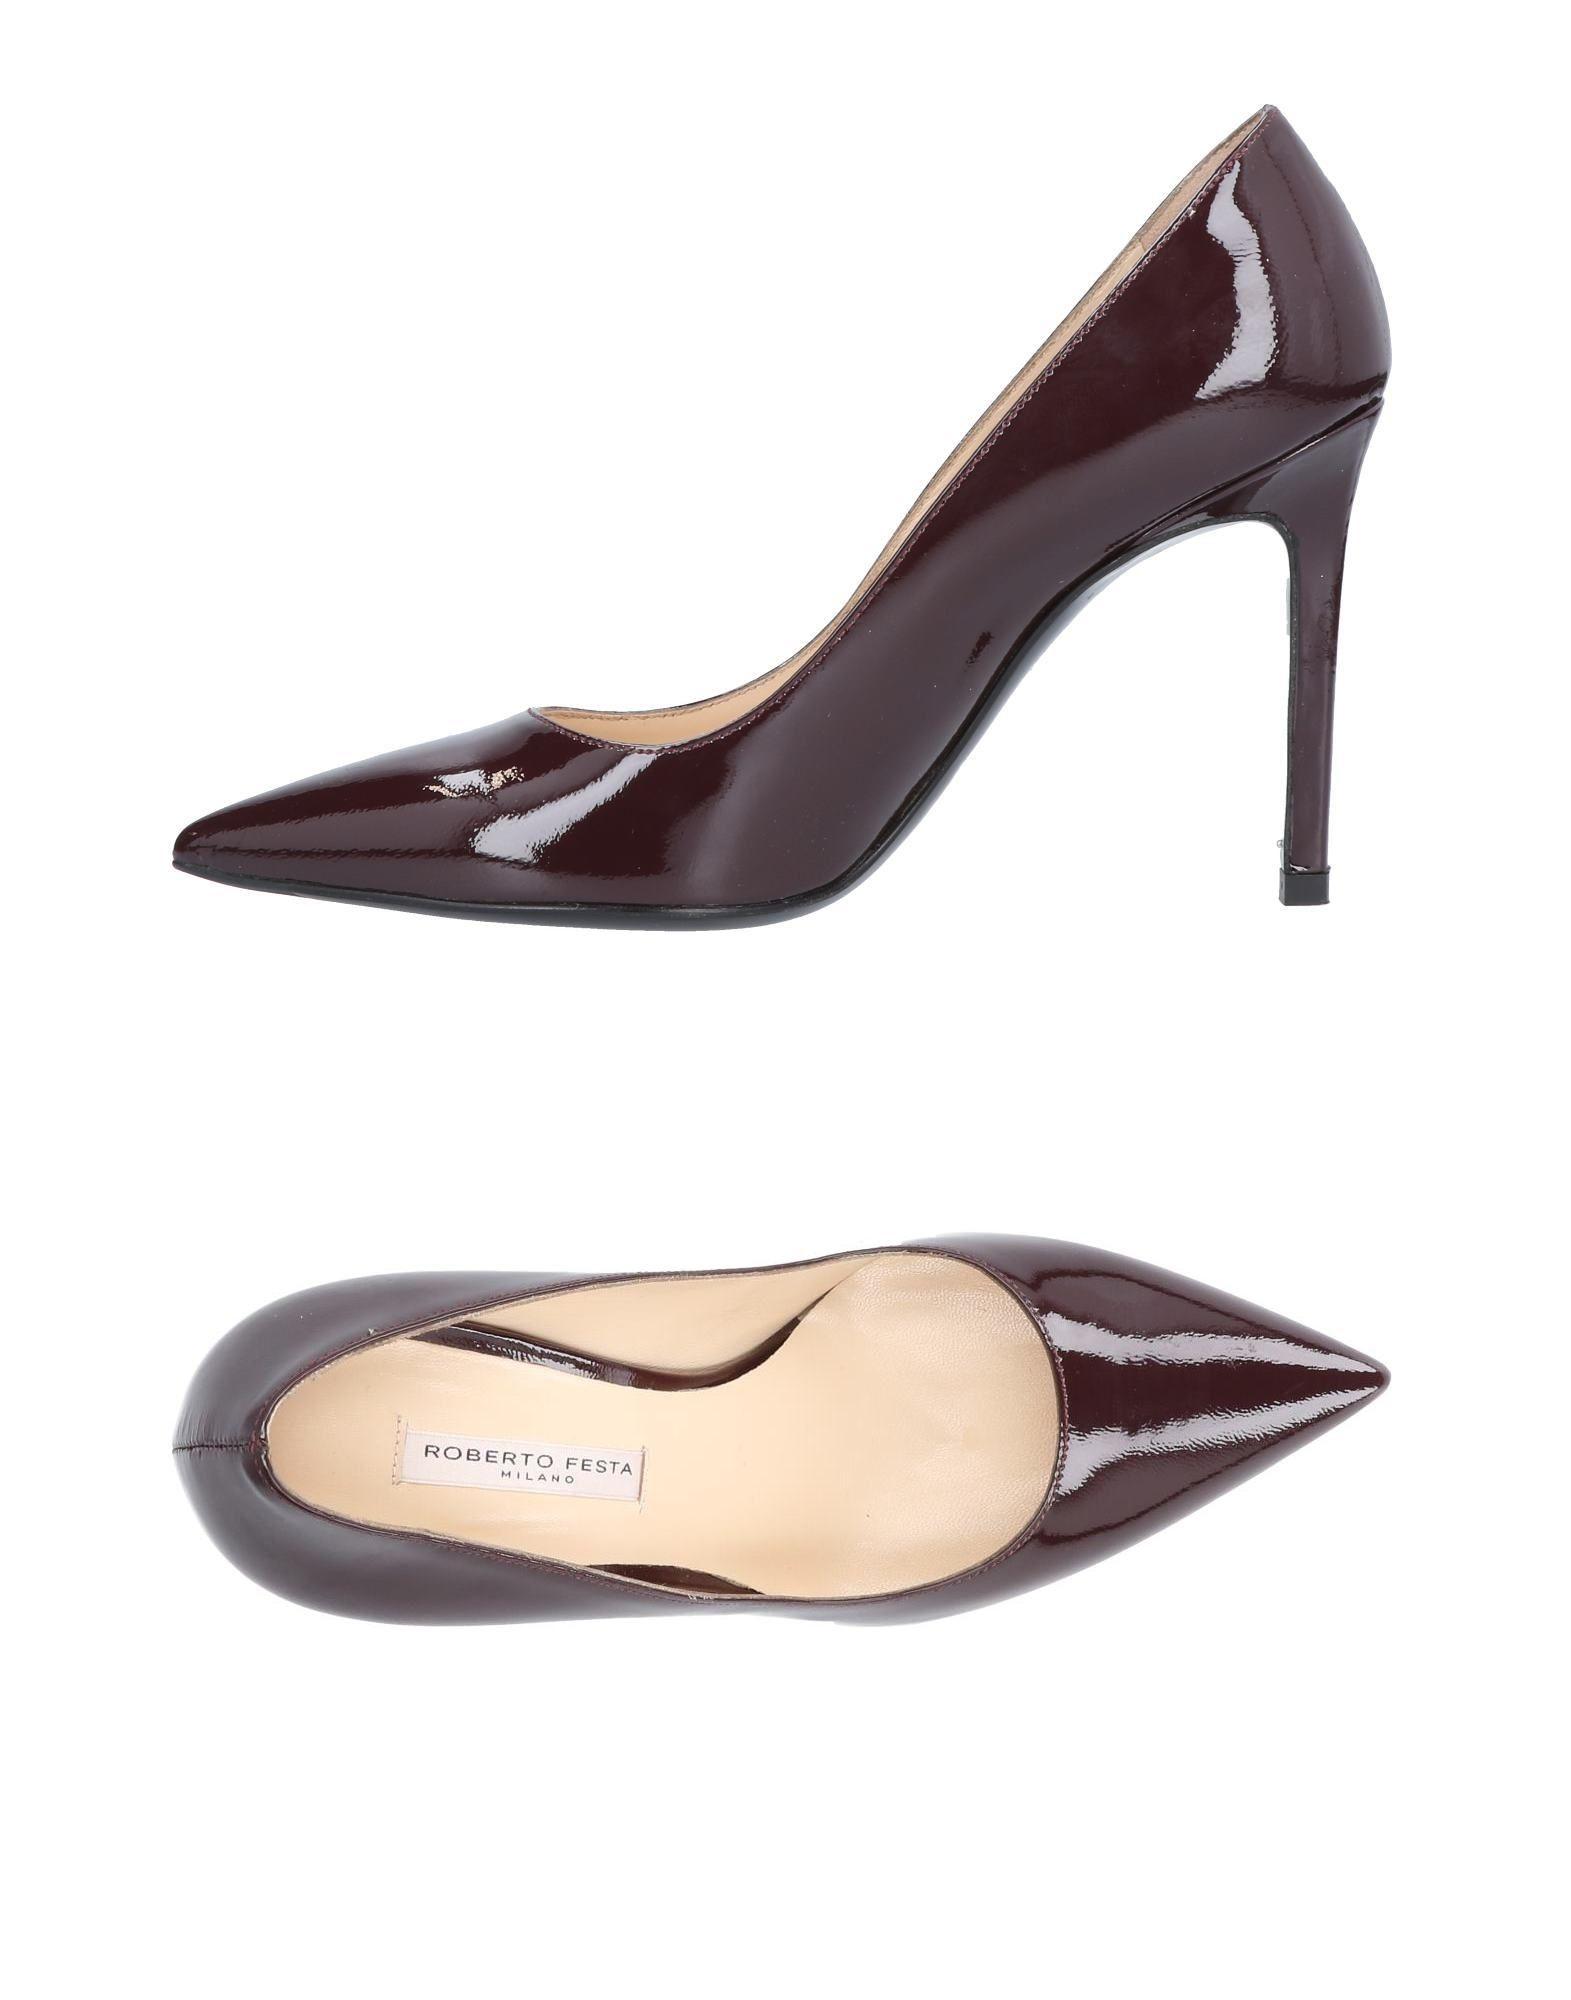 Gut Festa um billige Schuhe zu tragenRoberto Festa Gut Pumps Damen  11213736PK 6cceed